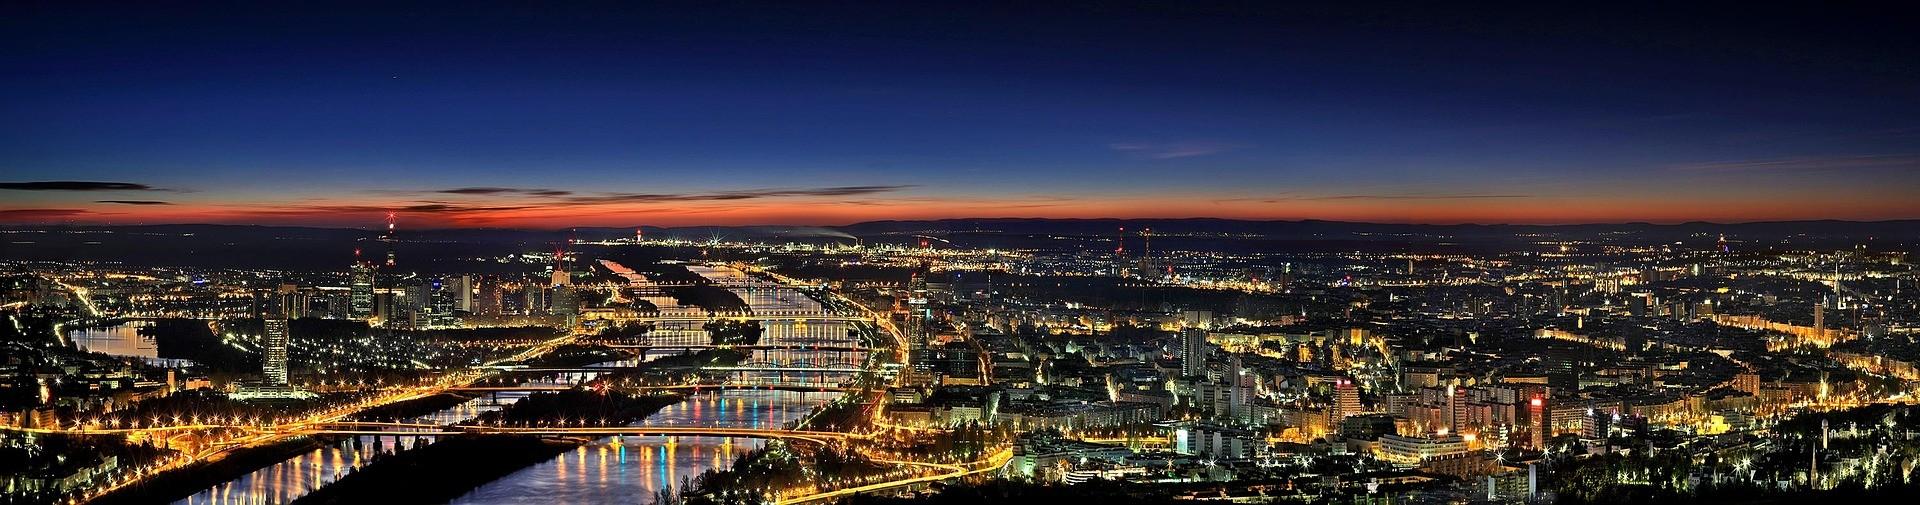 Doświadczenie w Wiedniu, Austria według Cagana